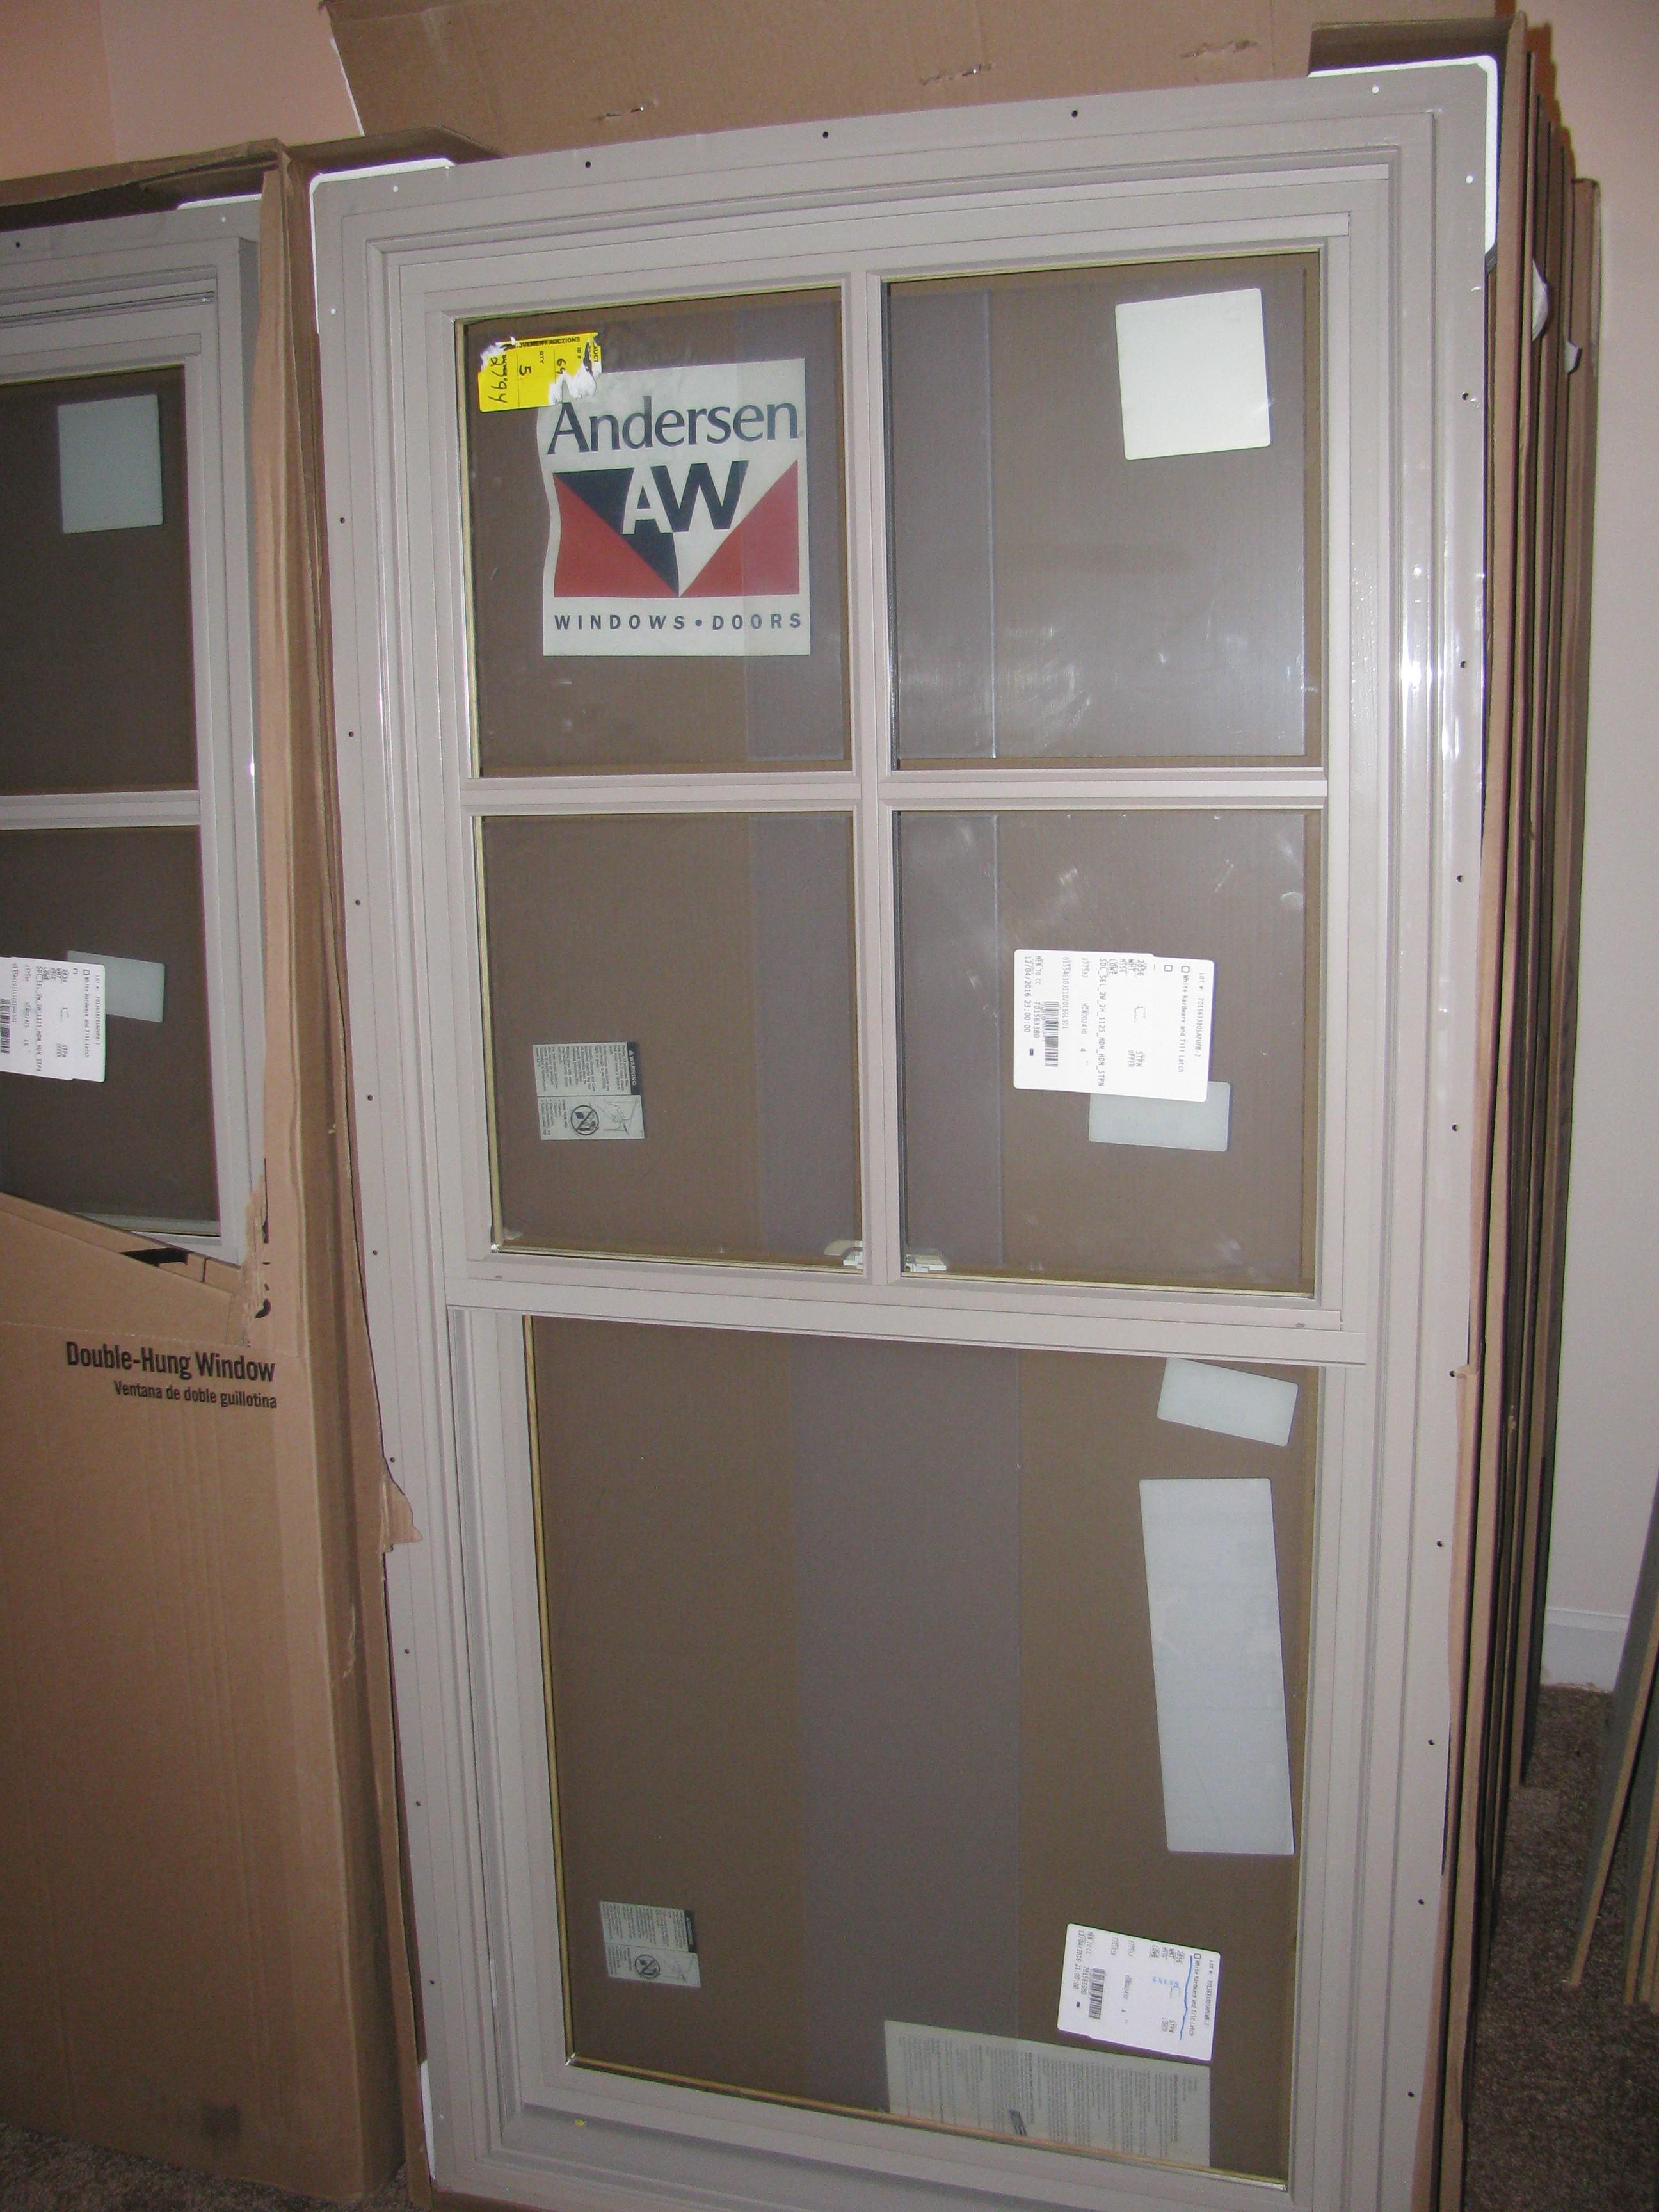 16 new andersen sandtone double hung windowspackage for Andersen windows u factor